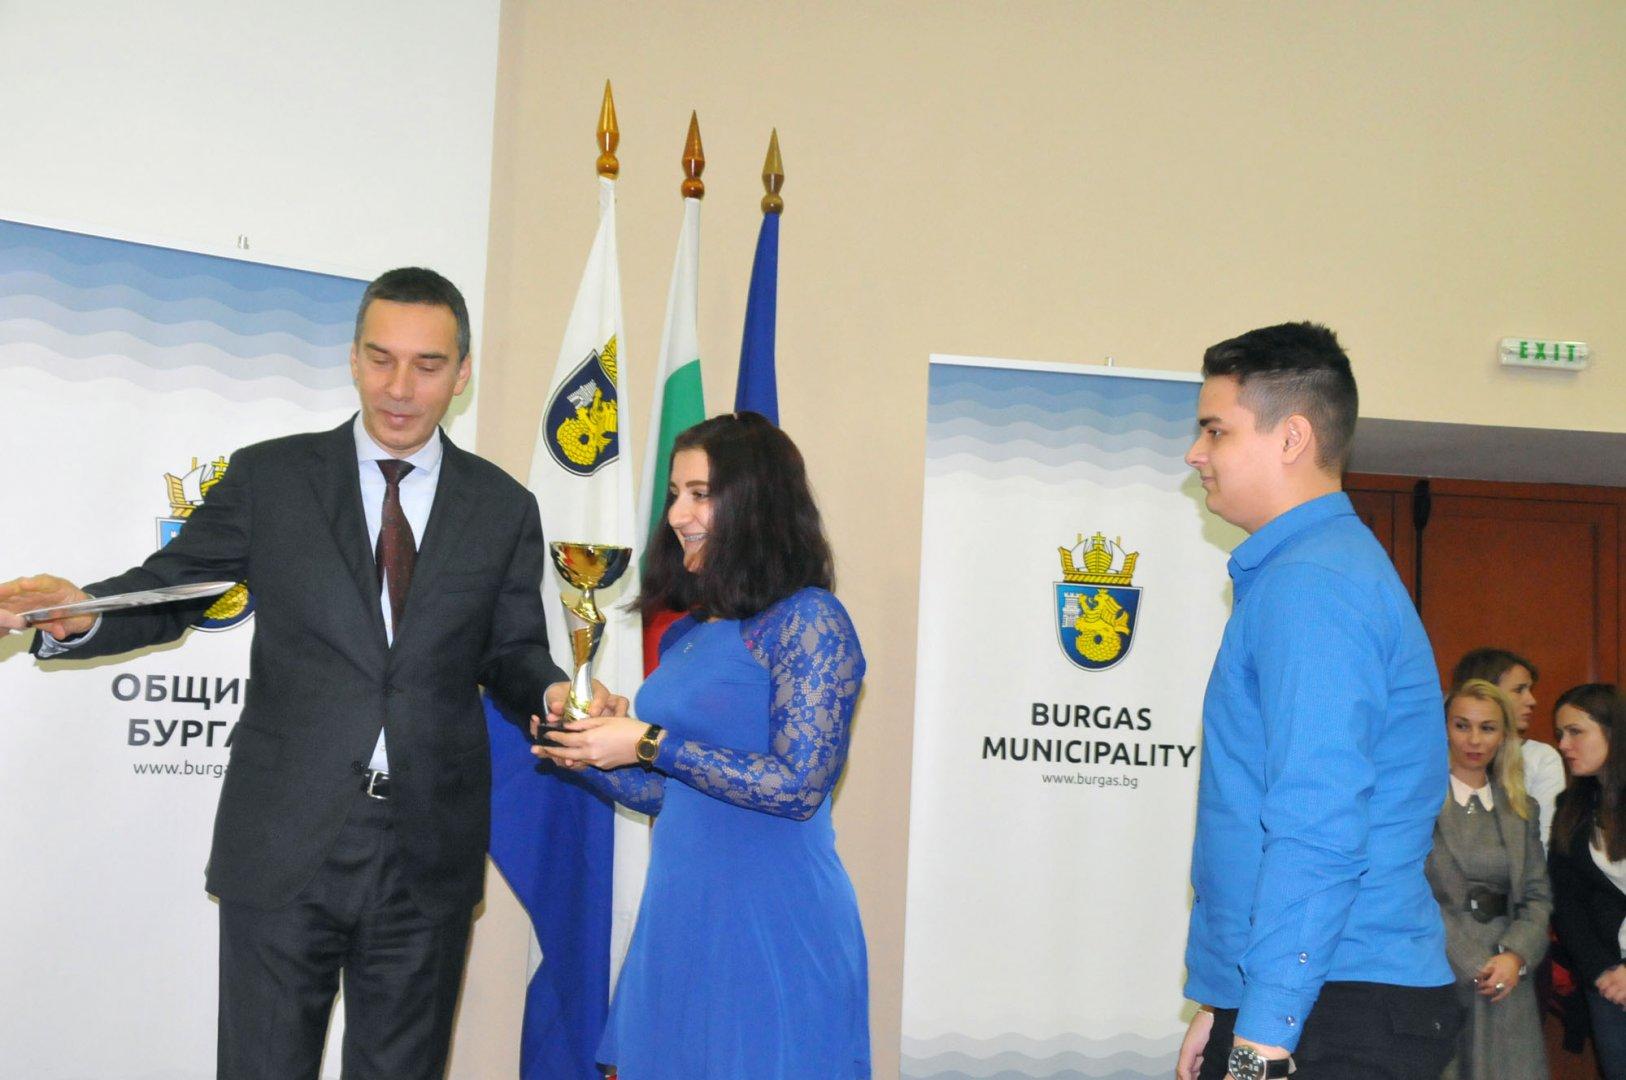 Кметът Димитър Николов връчи отличията на изявени ученици от ПГЕЕ. Снимки Лина Главинова